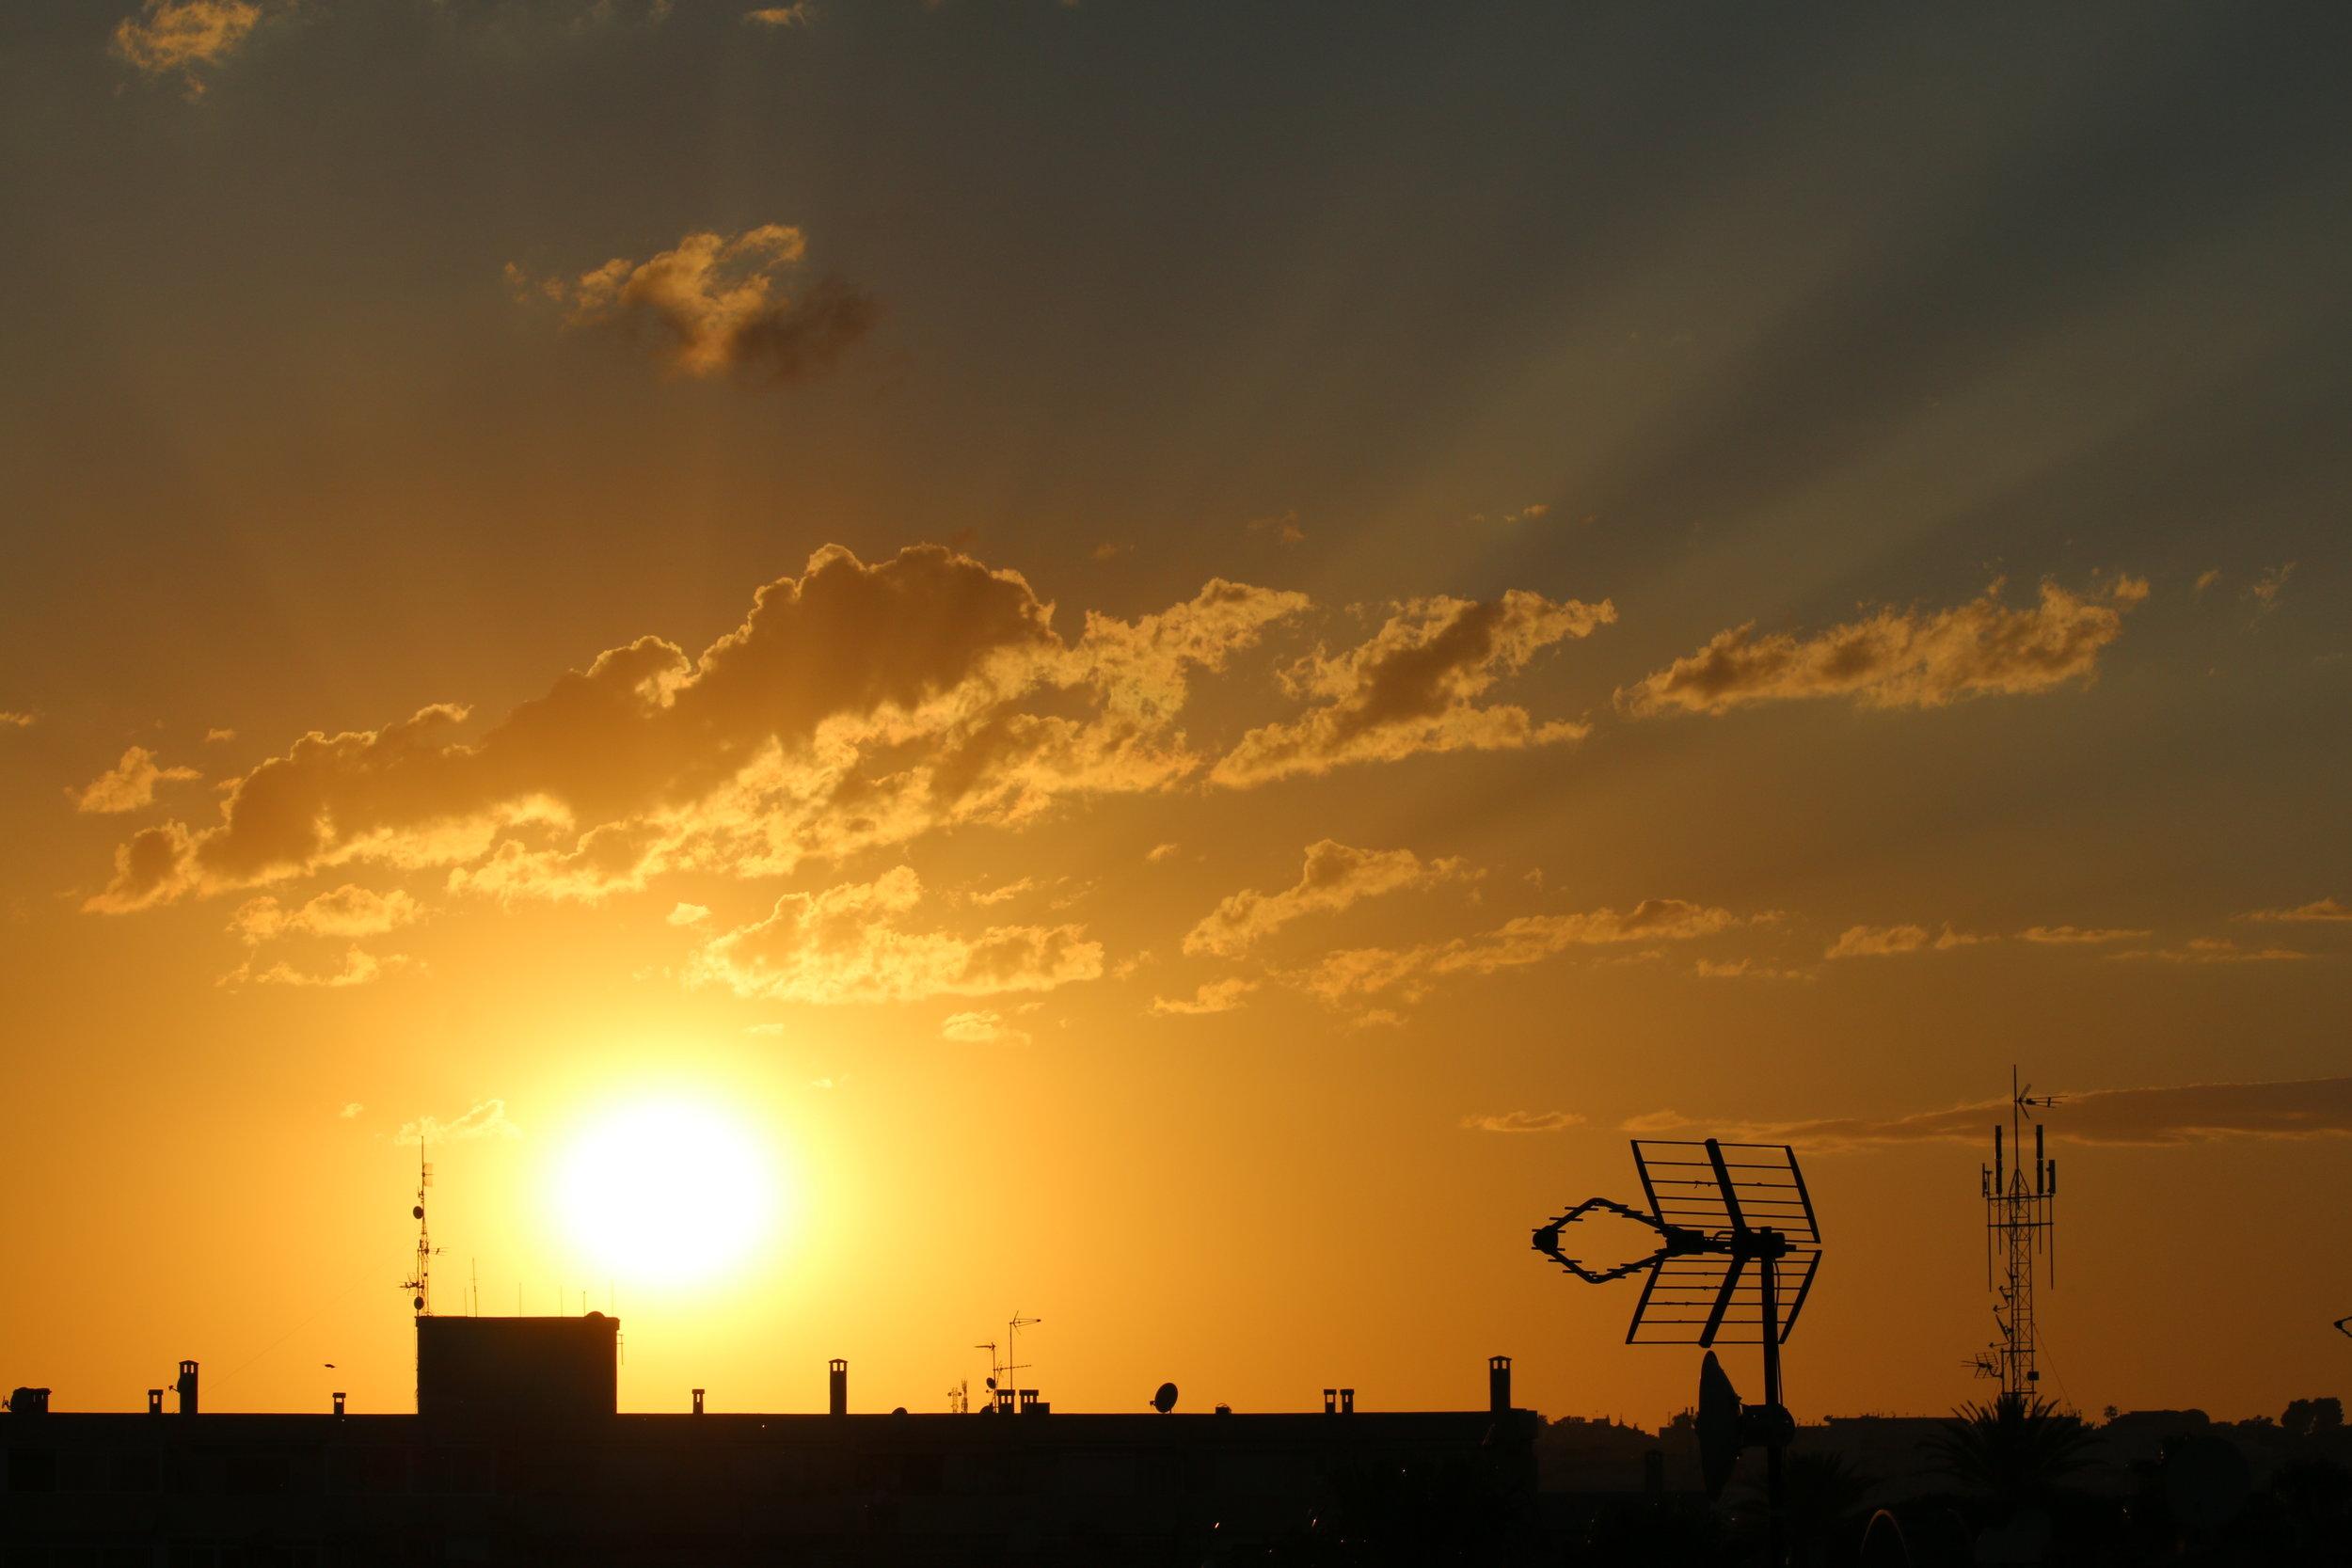 Nyd de fantastiske solnedgange fra terressen med et køligt glas vin på en lun aften.